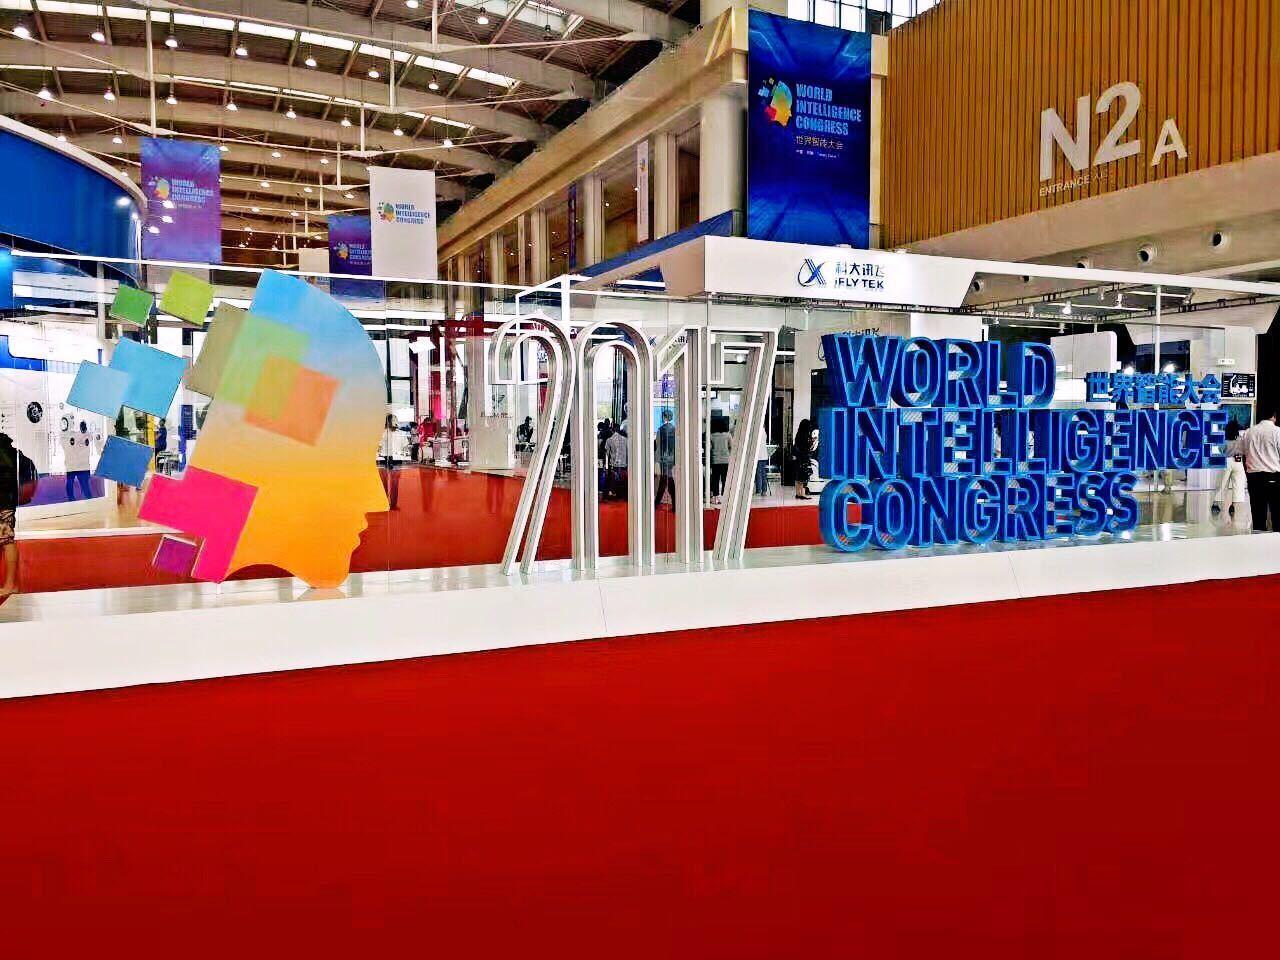 海尔在世界智能大会上展示U+全球物联网生态平台